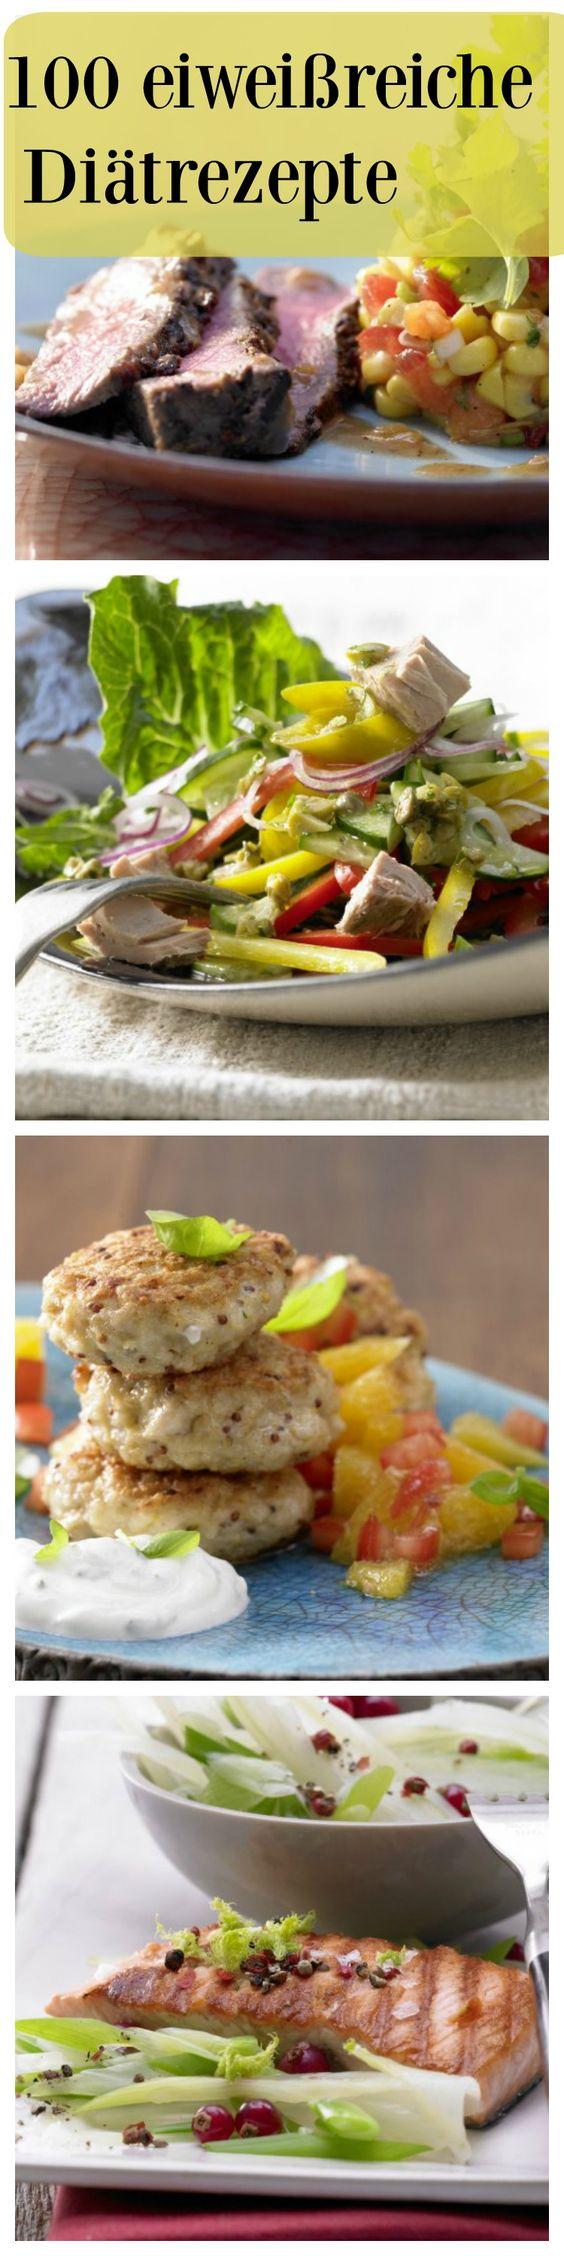 Bei der Eiweißdiät werden, wie der Name schon sagt, proteinreiche Lebensmittel bevorzugt.Dahinter steht die Theorie, dass Eiweiß besser sättigt als Fett und Kohlenhydrate, die Muskeln erhält und den gefürchteten Jojo-Effekt verhindert. Klicken Sie sich durch unsere leckeren Rezepte | http://eatsmarter.de/rezepte/rezeptsammlungen/eiweiss-diaet-fotos#/0